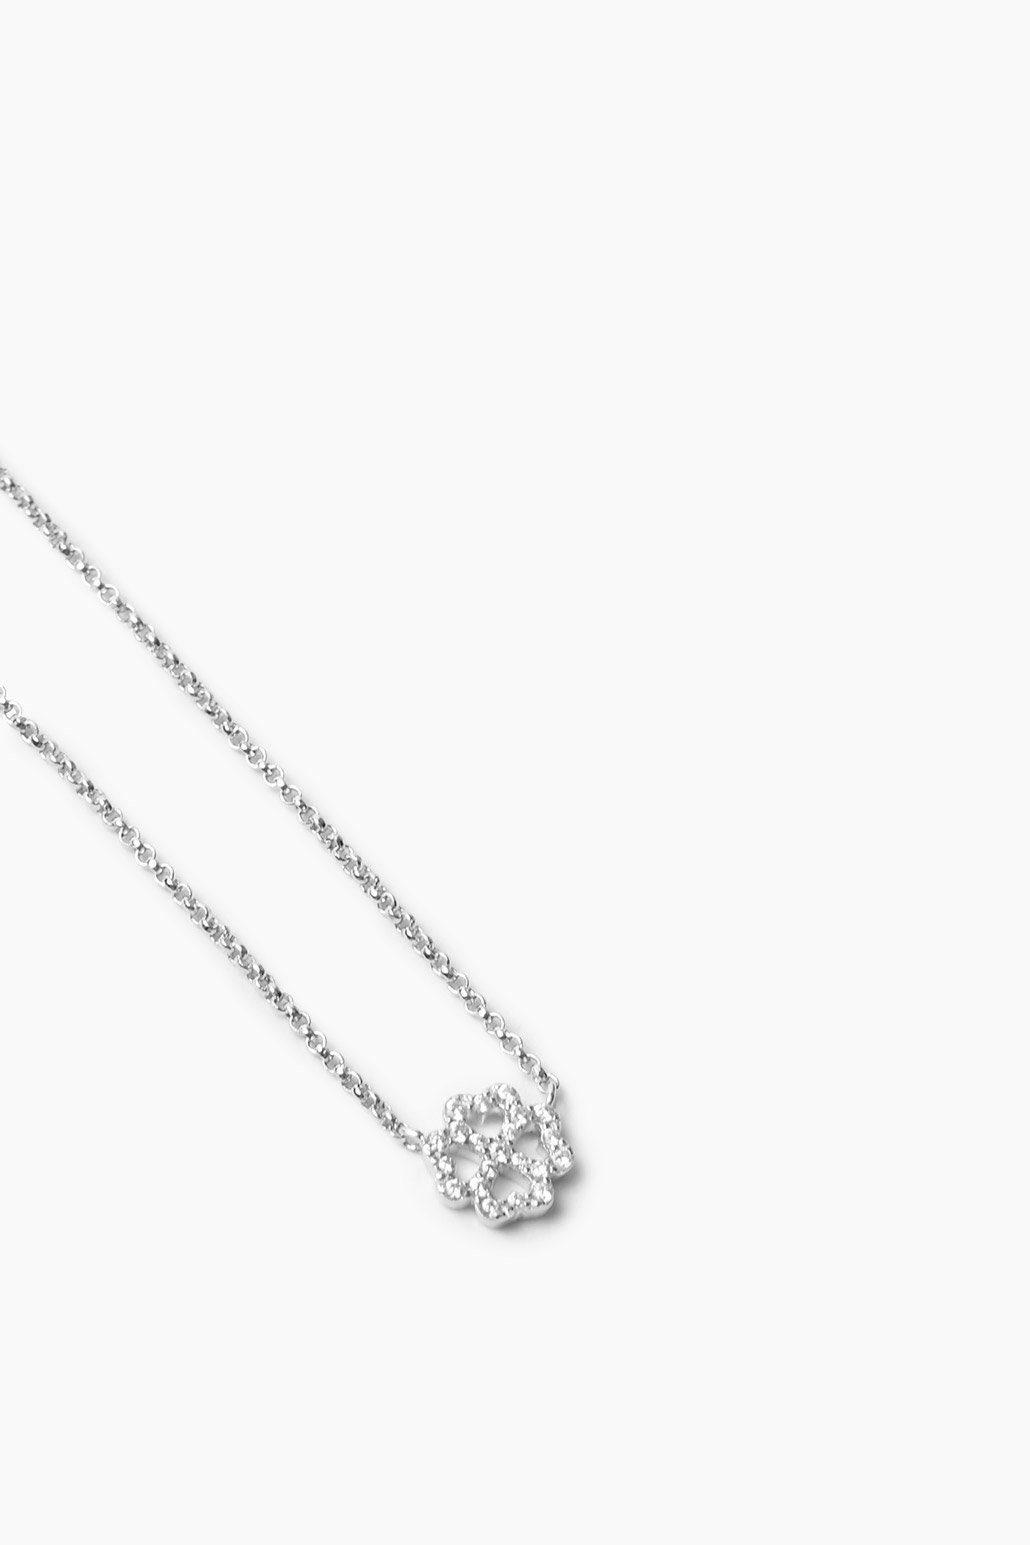 ESPRIT CASUAL Kette aus Sterling Silber und Zirkonia